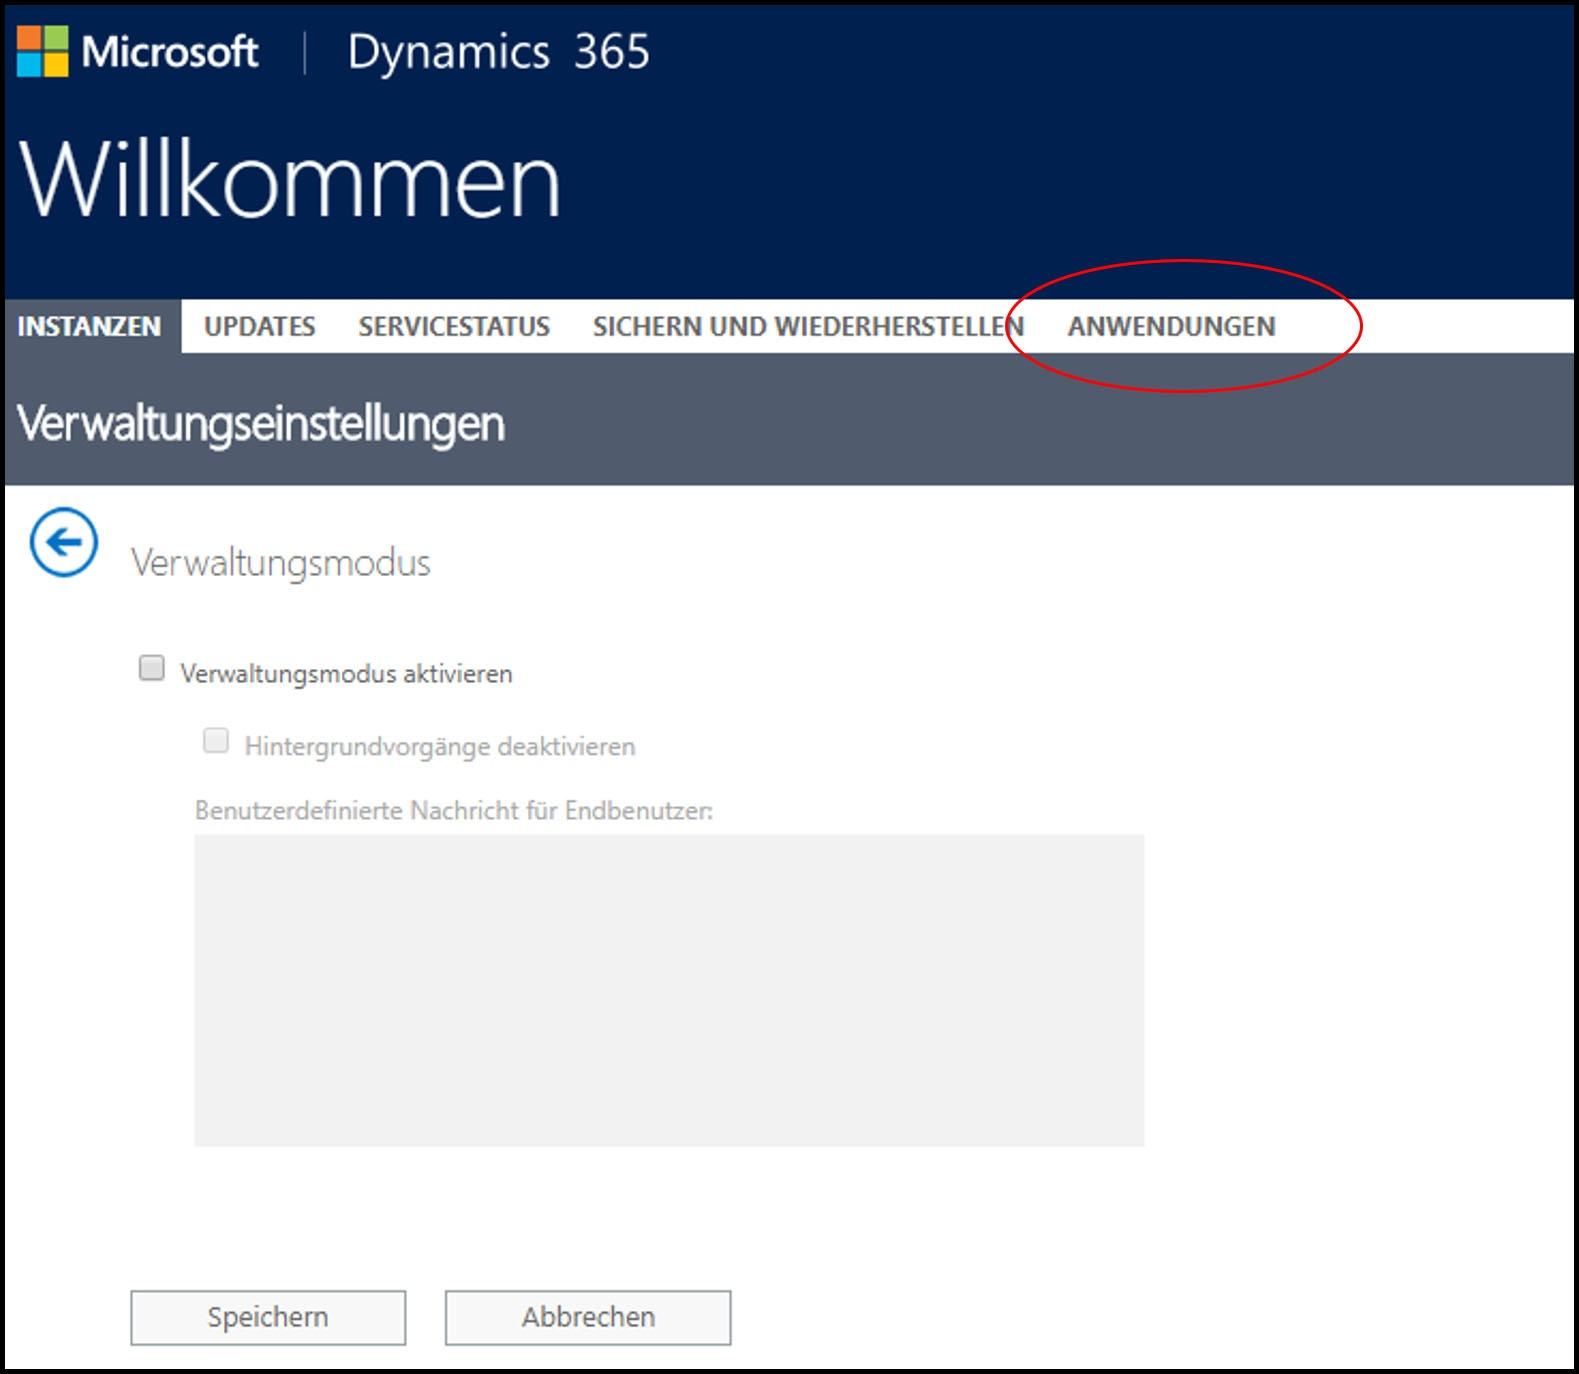 Microsoft Dynamics 365 Verwaltungseinstellungen